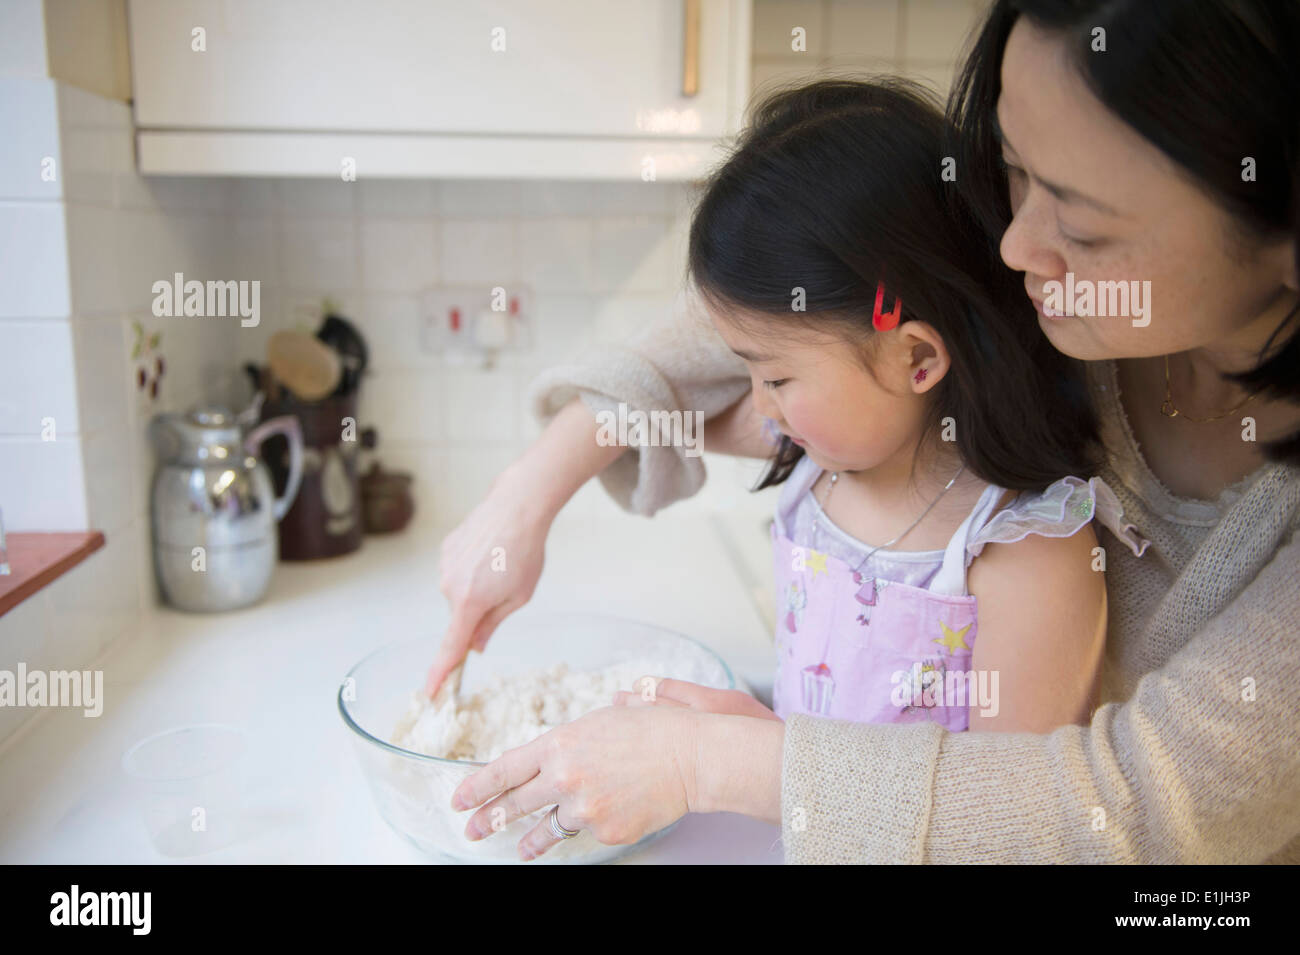 Madre e figlia in cucina, la miscelazione degli ingredienti nel recipiente Immagini Stock